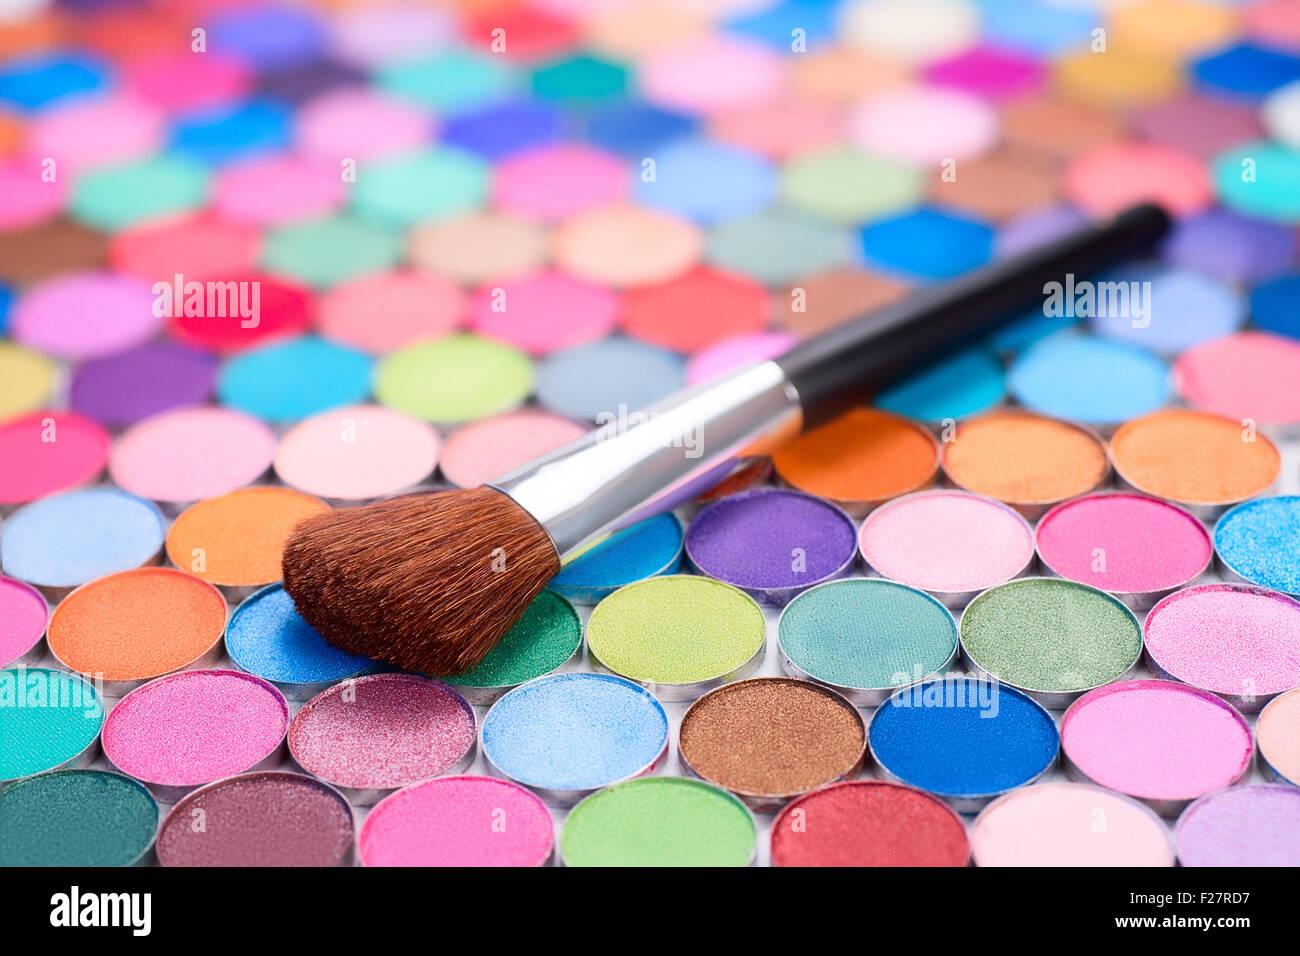 Hintergrund mit Make-up Pinsel und vielen bunten Lidschatten Stockbild